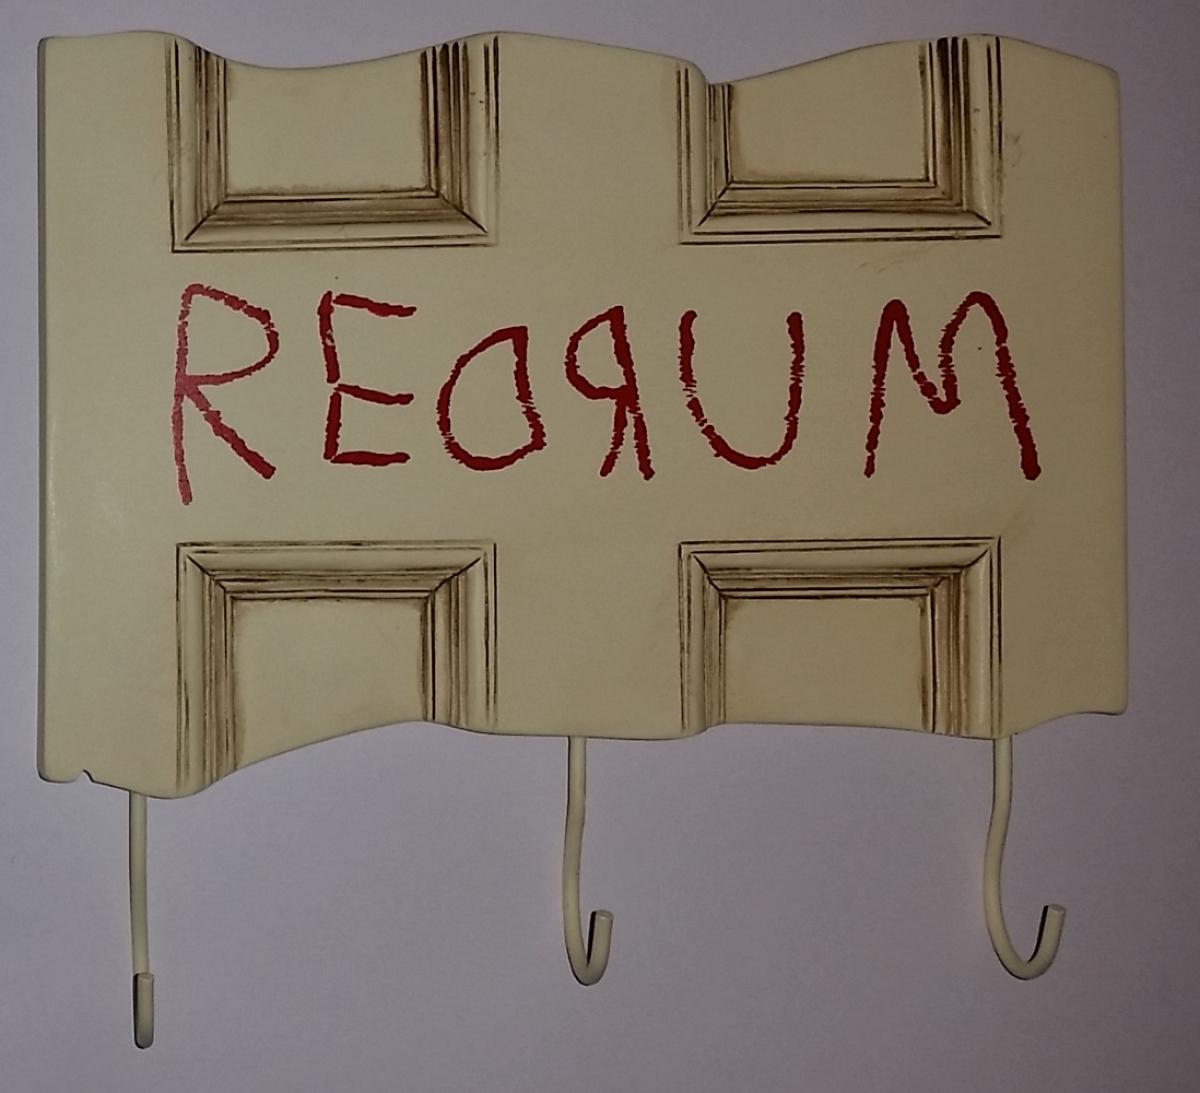 Wieszak na klucze Redrum - Horror Block 2016 - obrazek